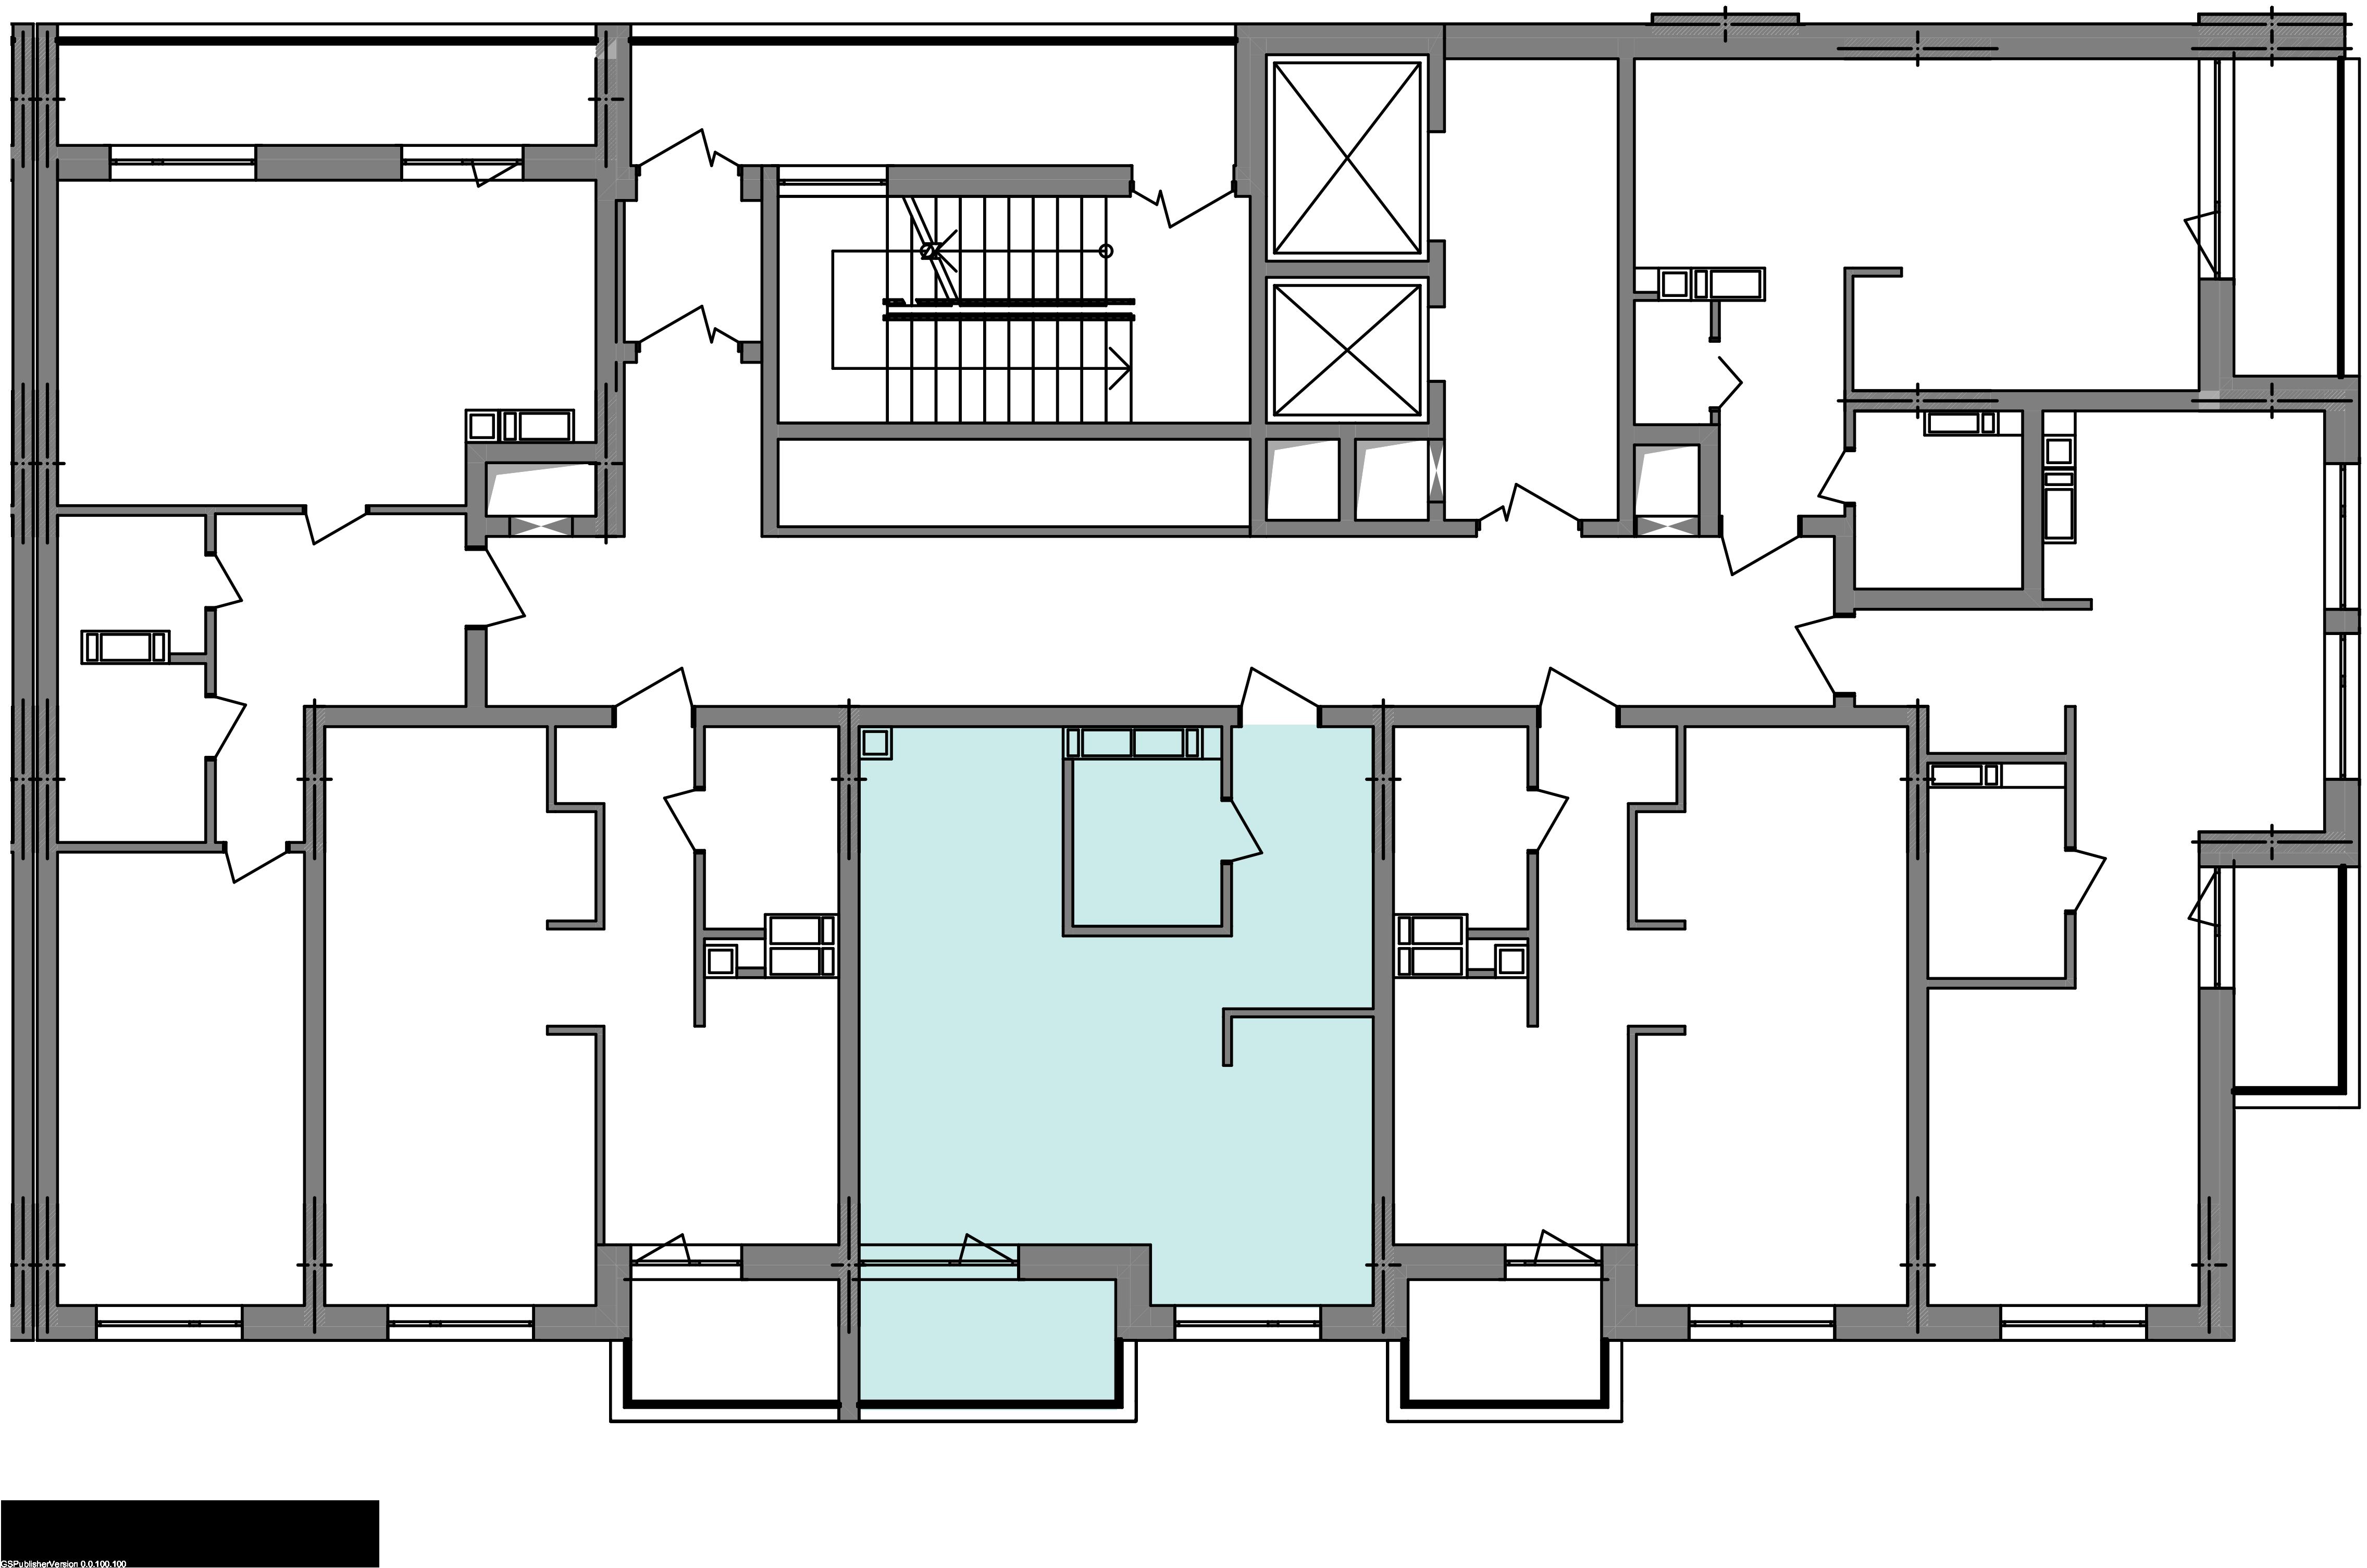 Однокімнатна квартира 40,70 кв.м., тип 1.9, будинок 3 секція 3 розташування на поверсі